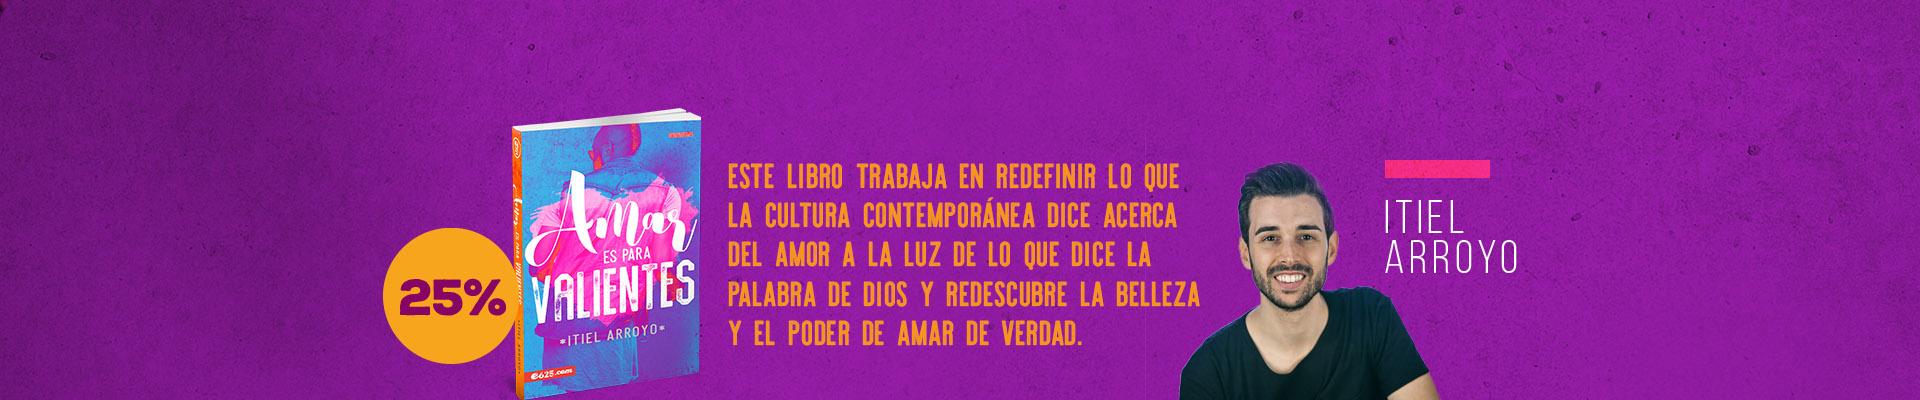 Amar es para valientes - Itiel Arroyo - e625